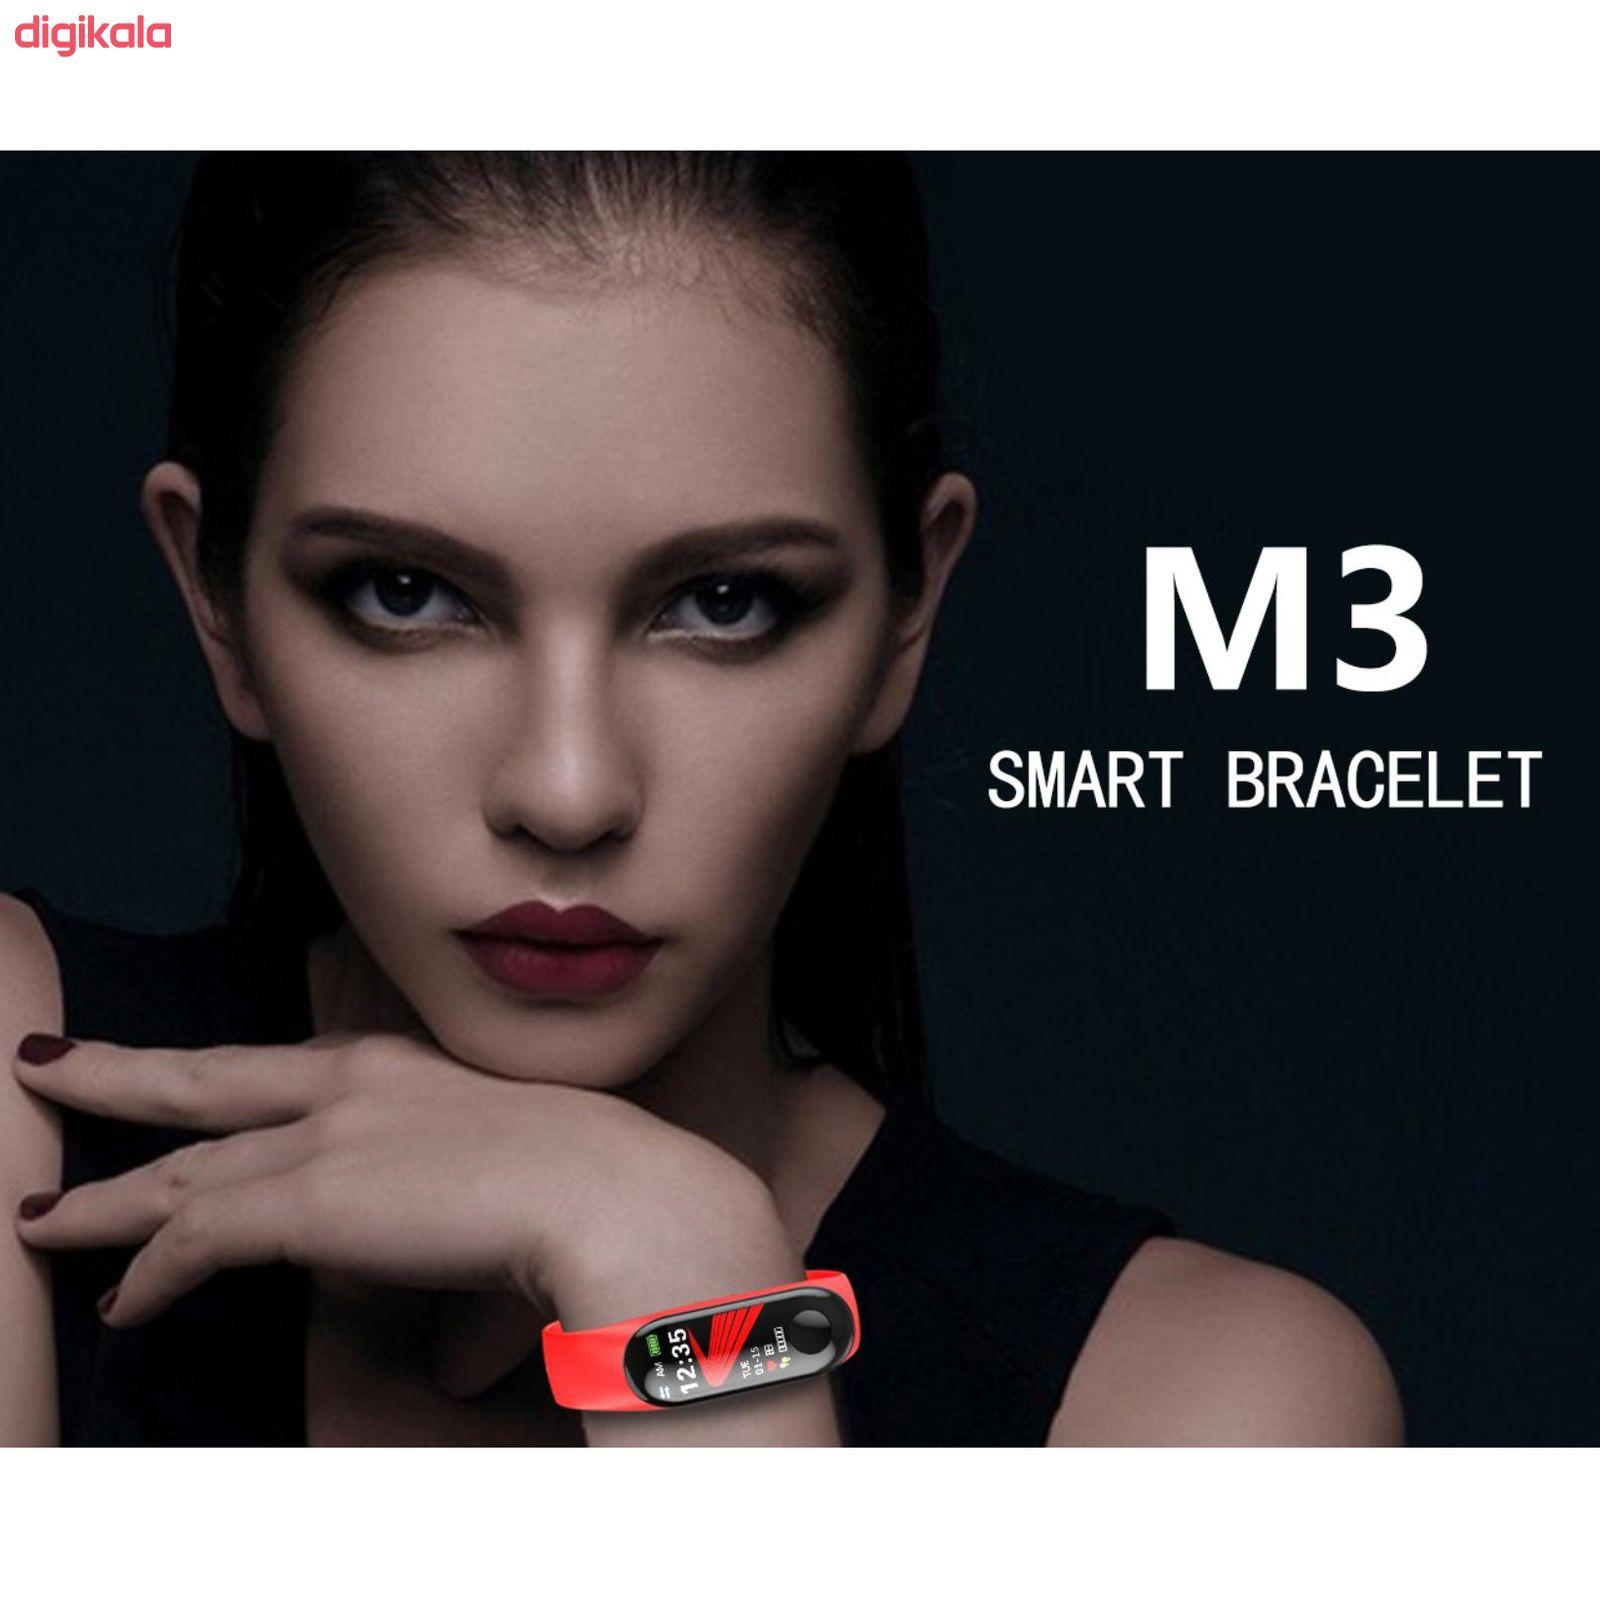 مچ بند هوشمند مدل M3 main 1 7